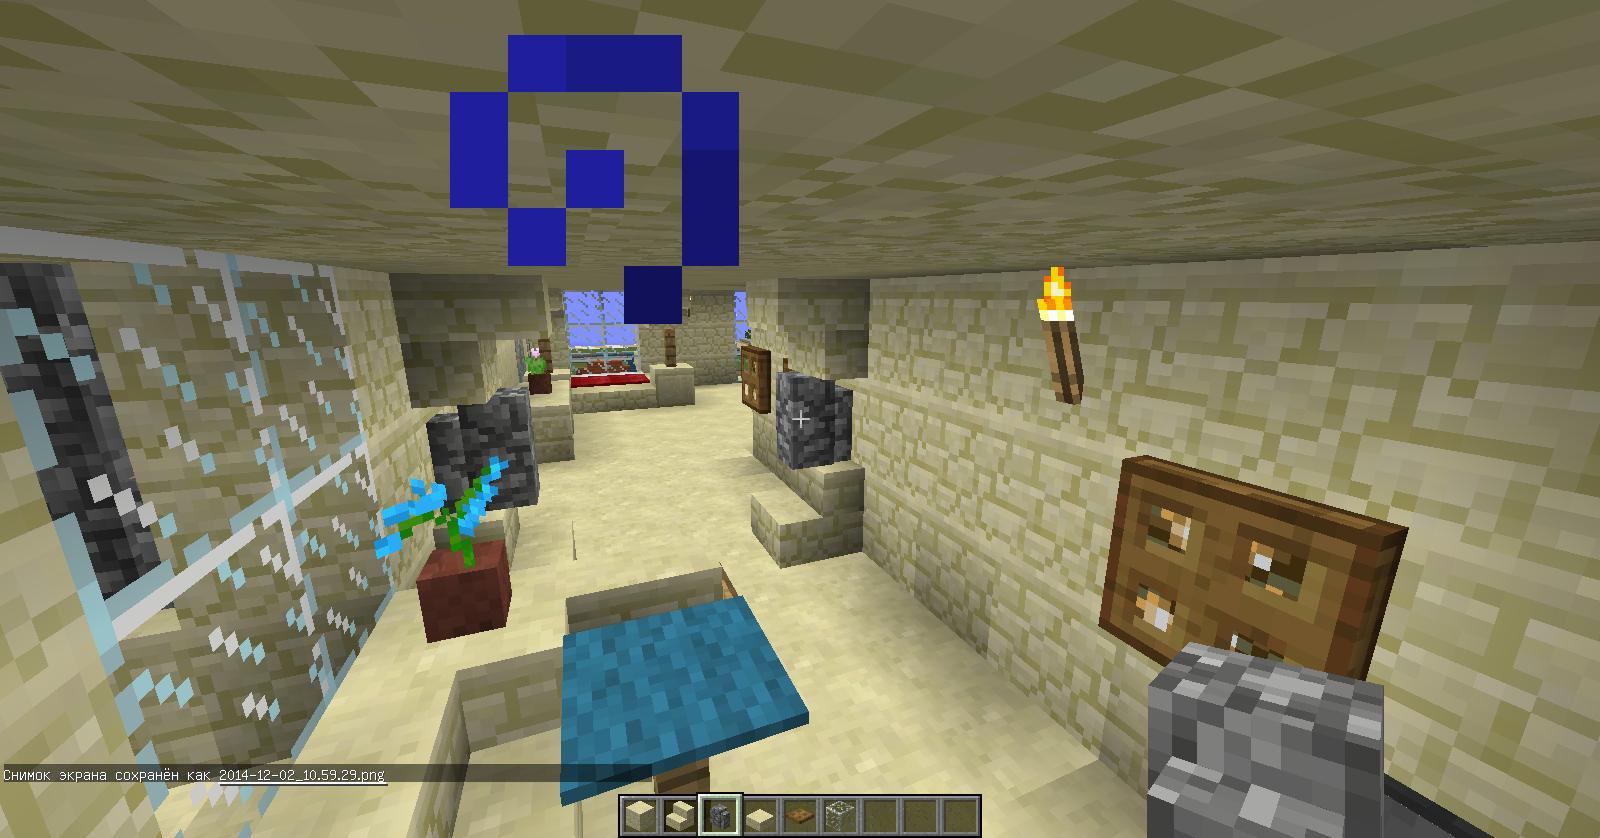 ВСЕ СЕРВЕРА Варпы или как создать варп в Minecraft? - m 8